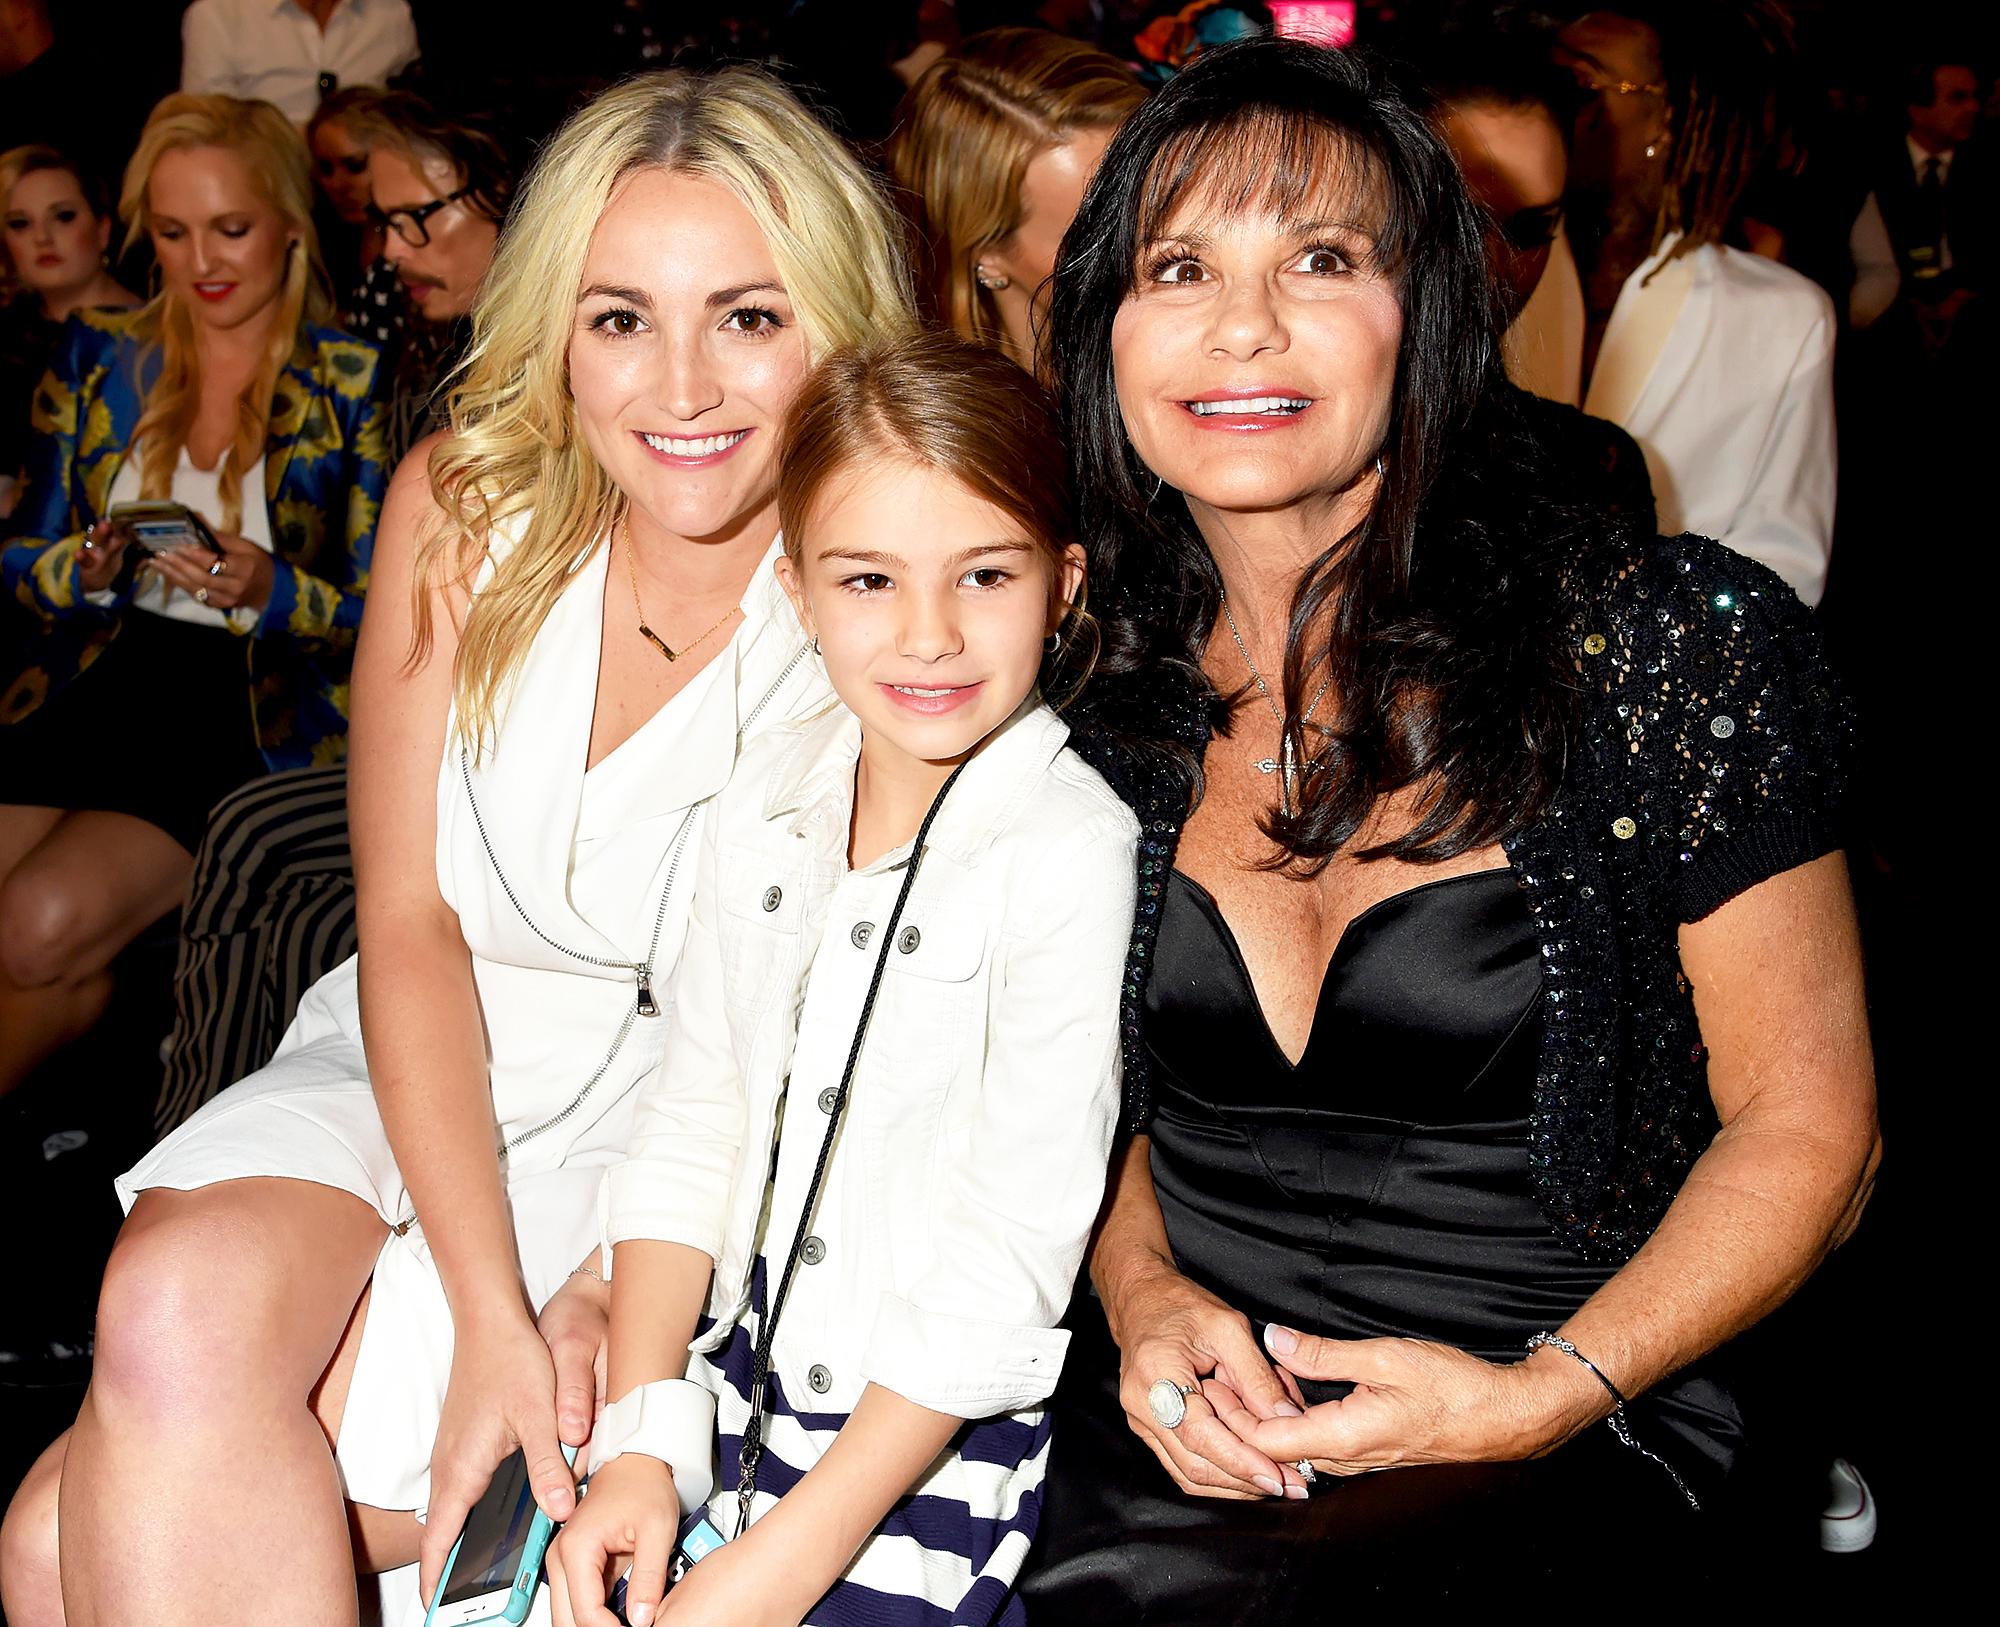 Jamie Lynn Spears, Maddie and Lynne Spears